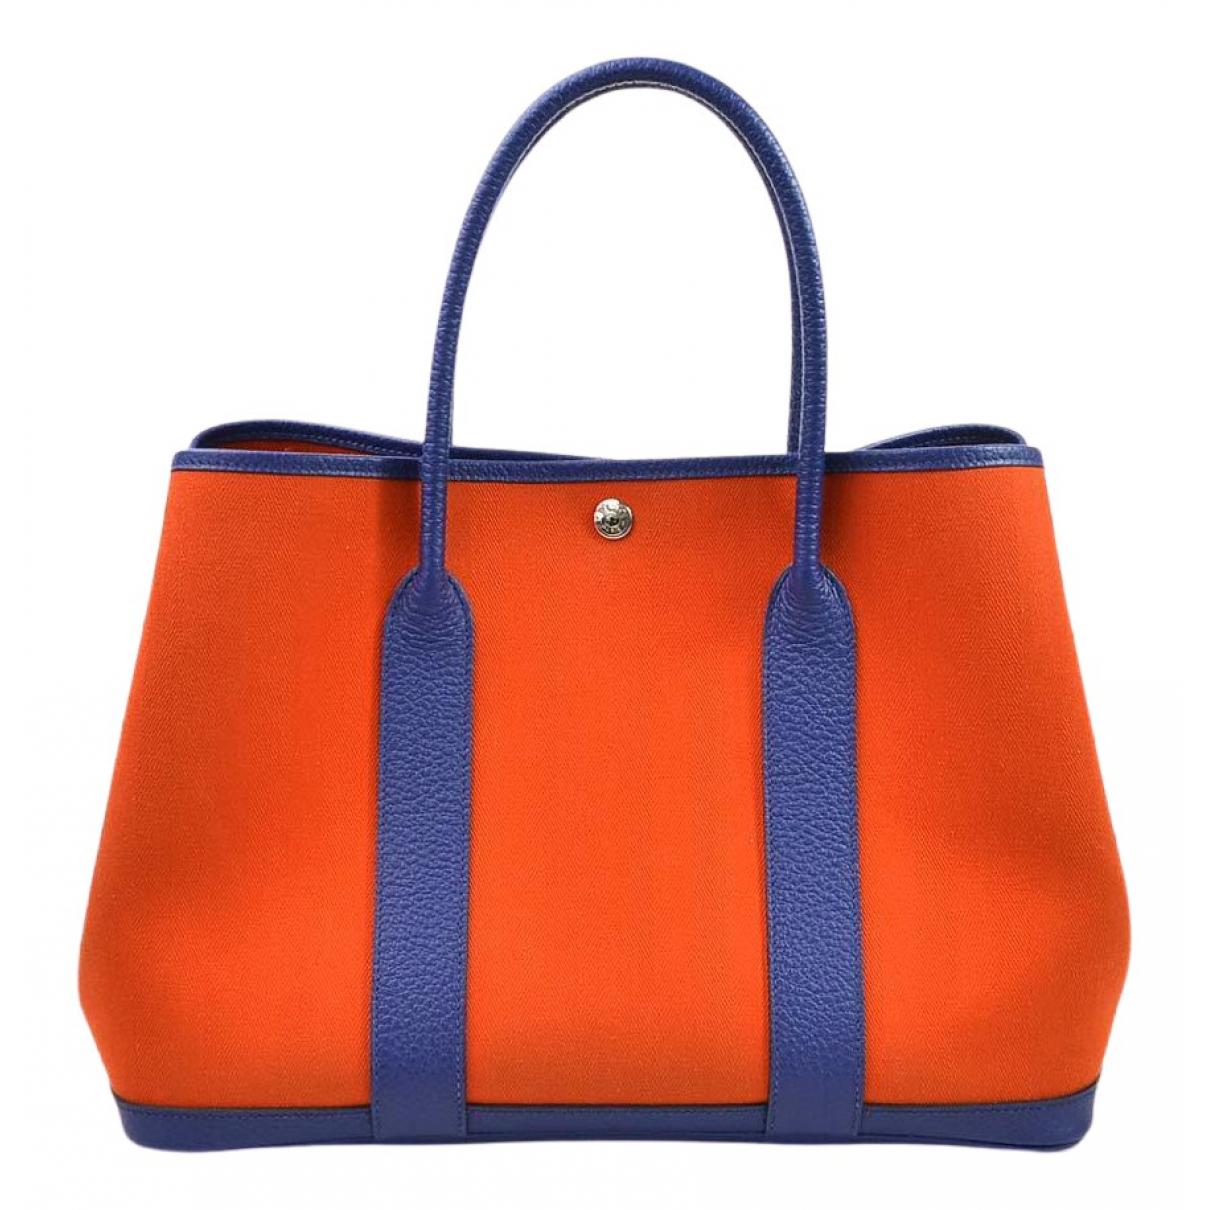 Hermes - Sac a main Garden Party pour femme en cuir - orange